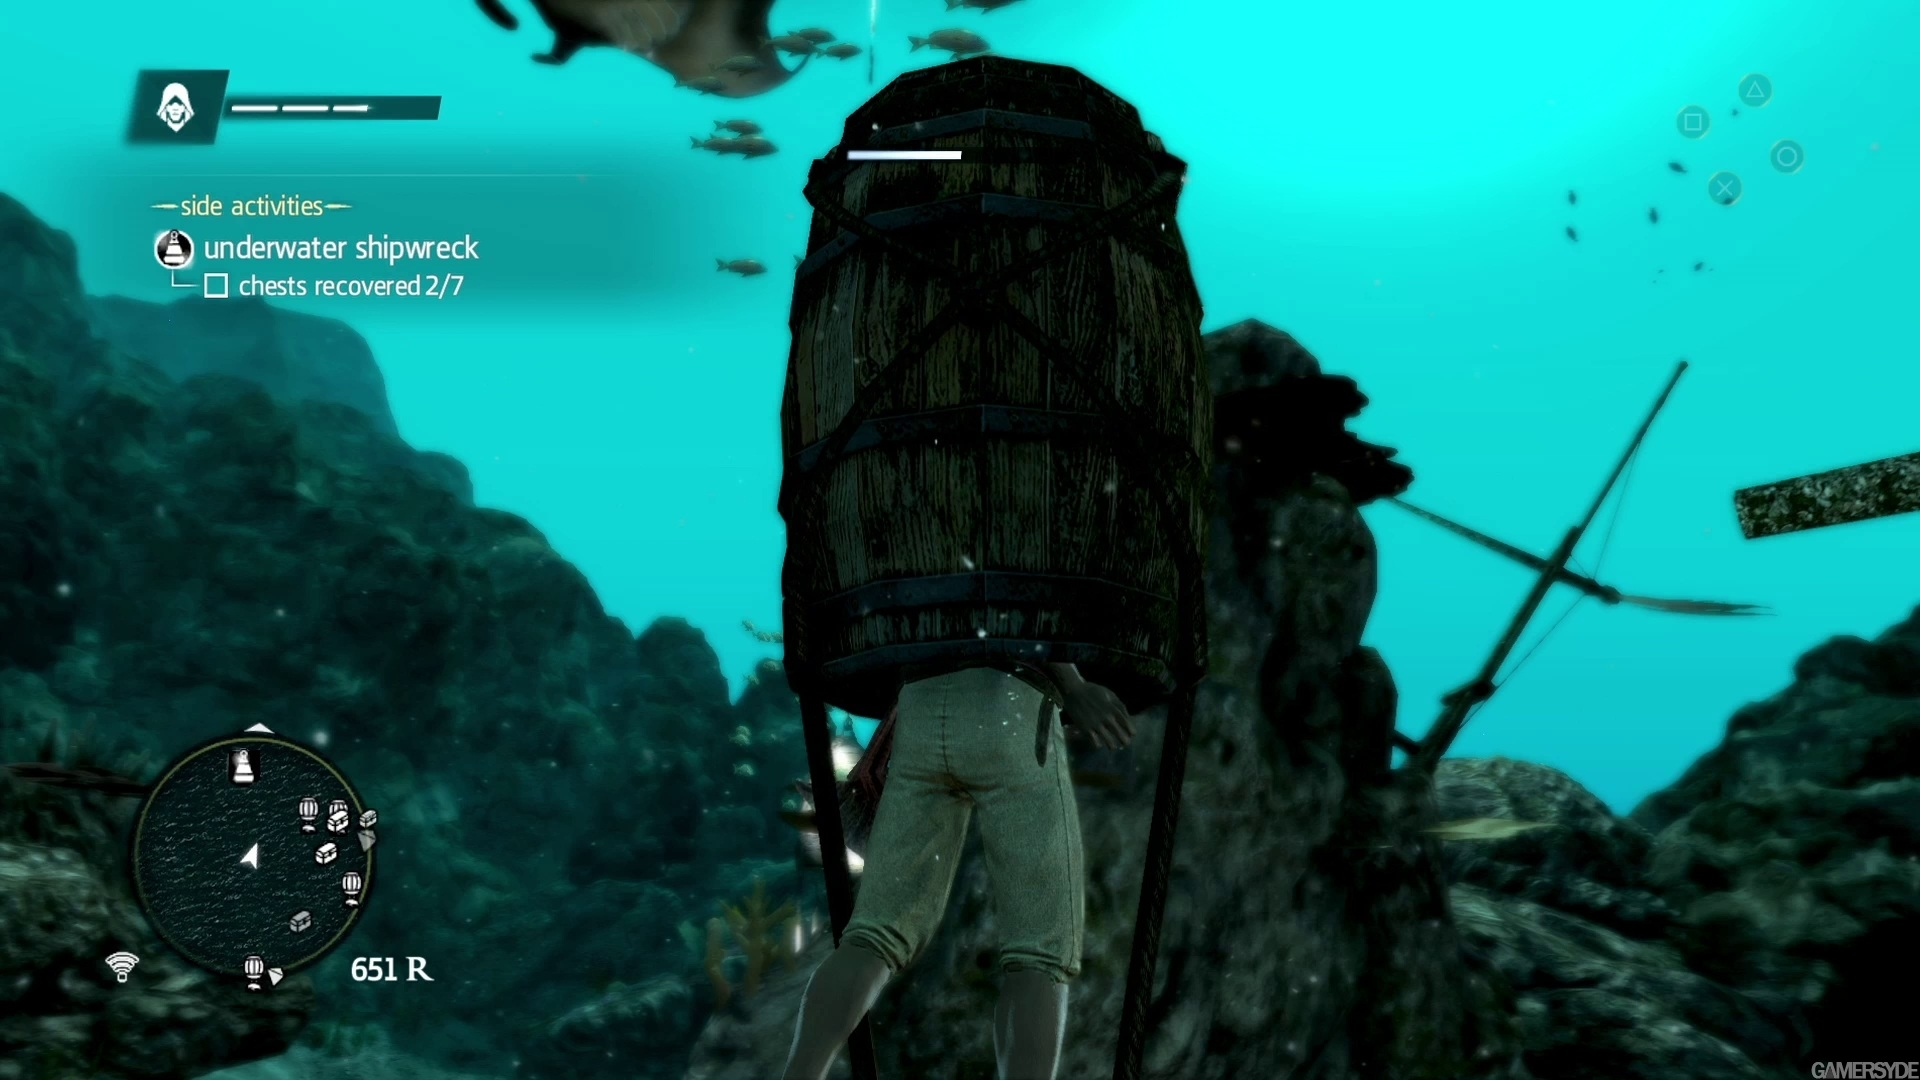 image   23118 1 0011 با تصاویر جدید Assassins Creed IV، شکار کوسه، پیدا کردن گنج ها در زیر آب و بیشتر را ببینید